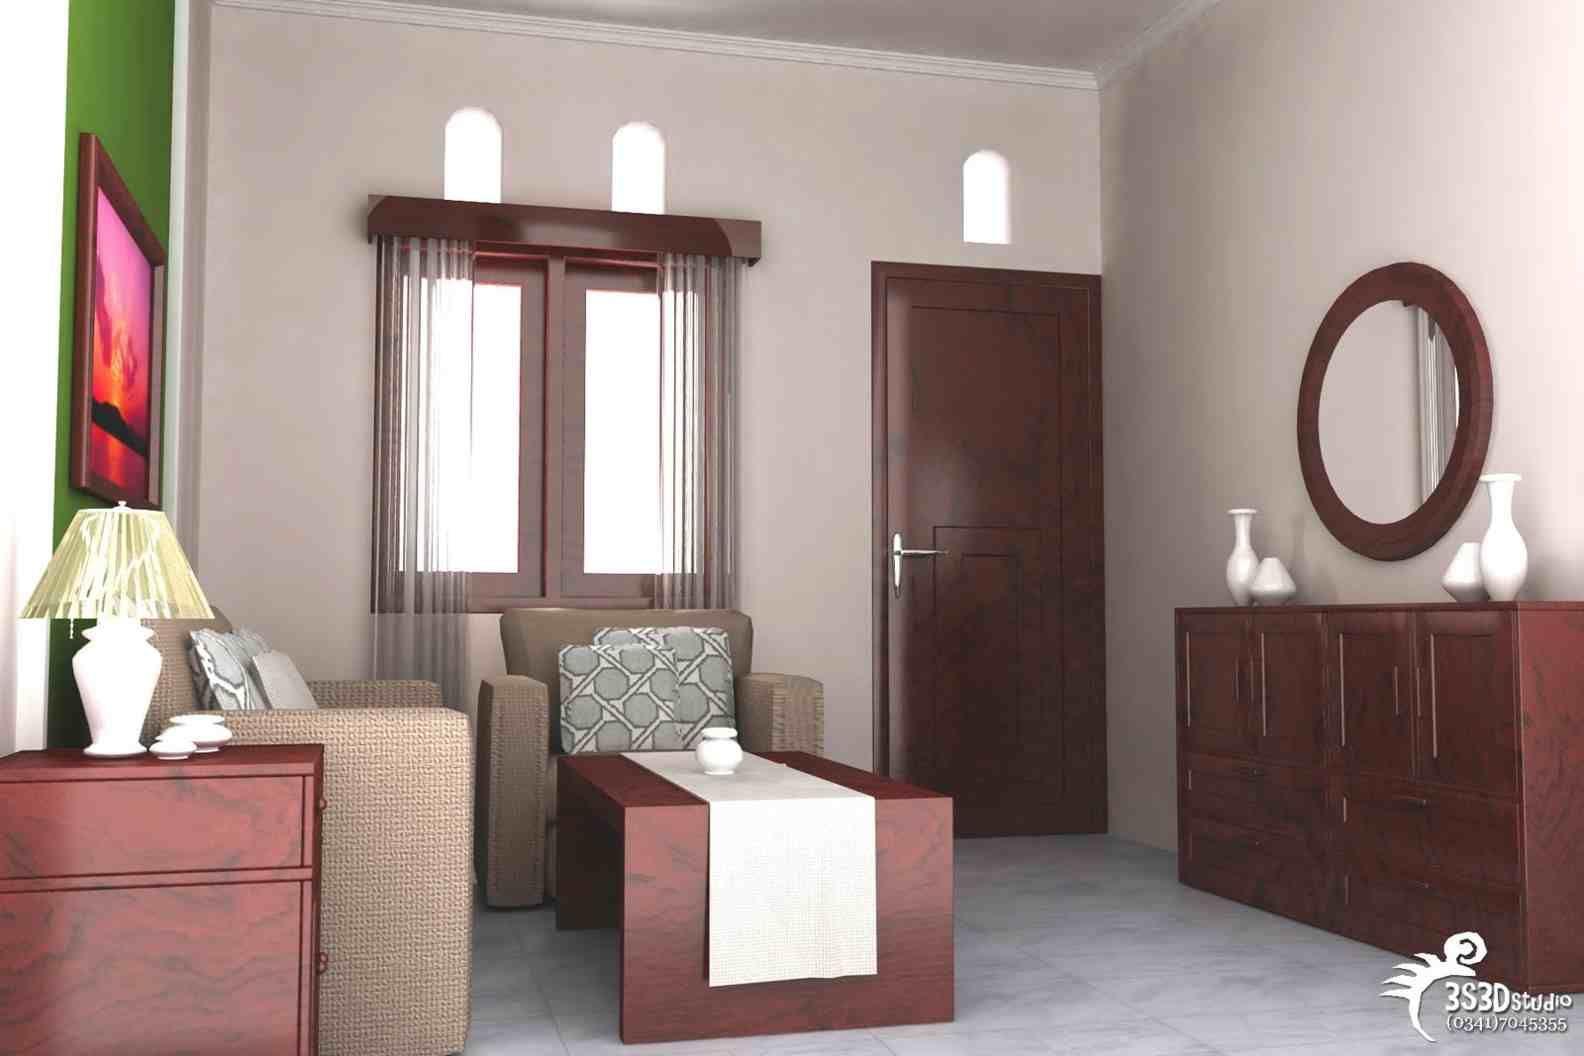 Contoh Desain Interior Rumah Minimalis Type 21 1584x1056